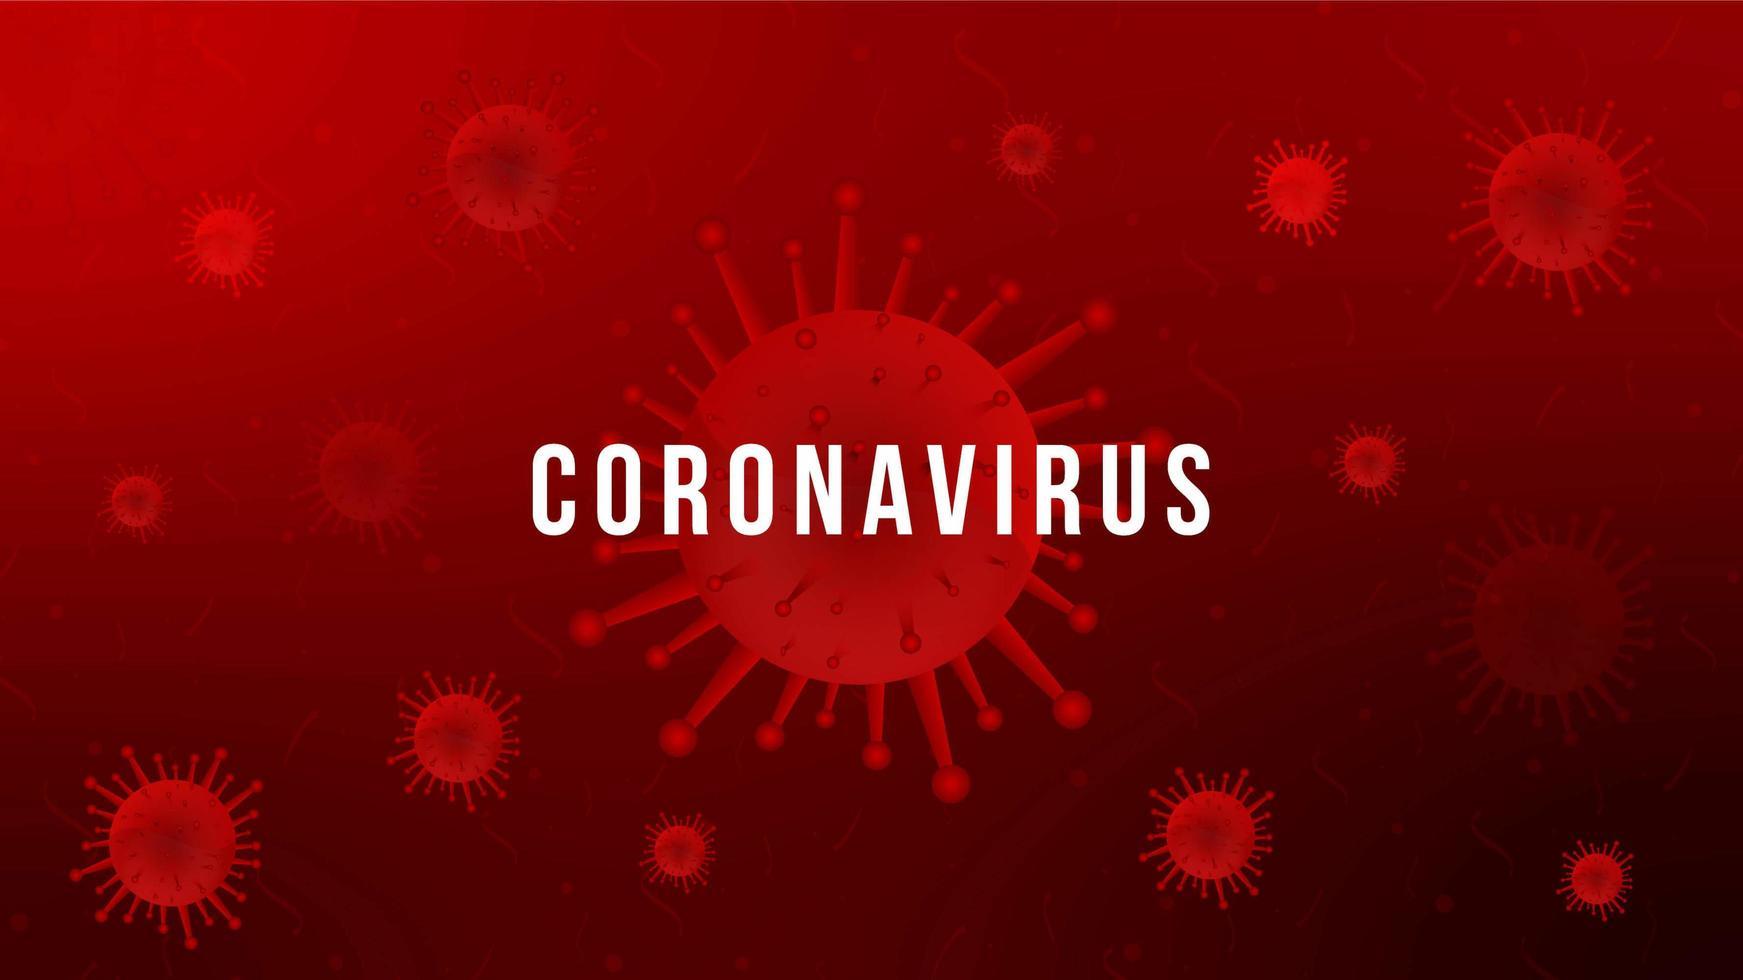 coronavirus rood viruscelontwerp vector